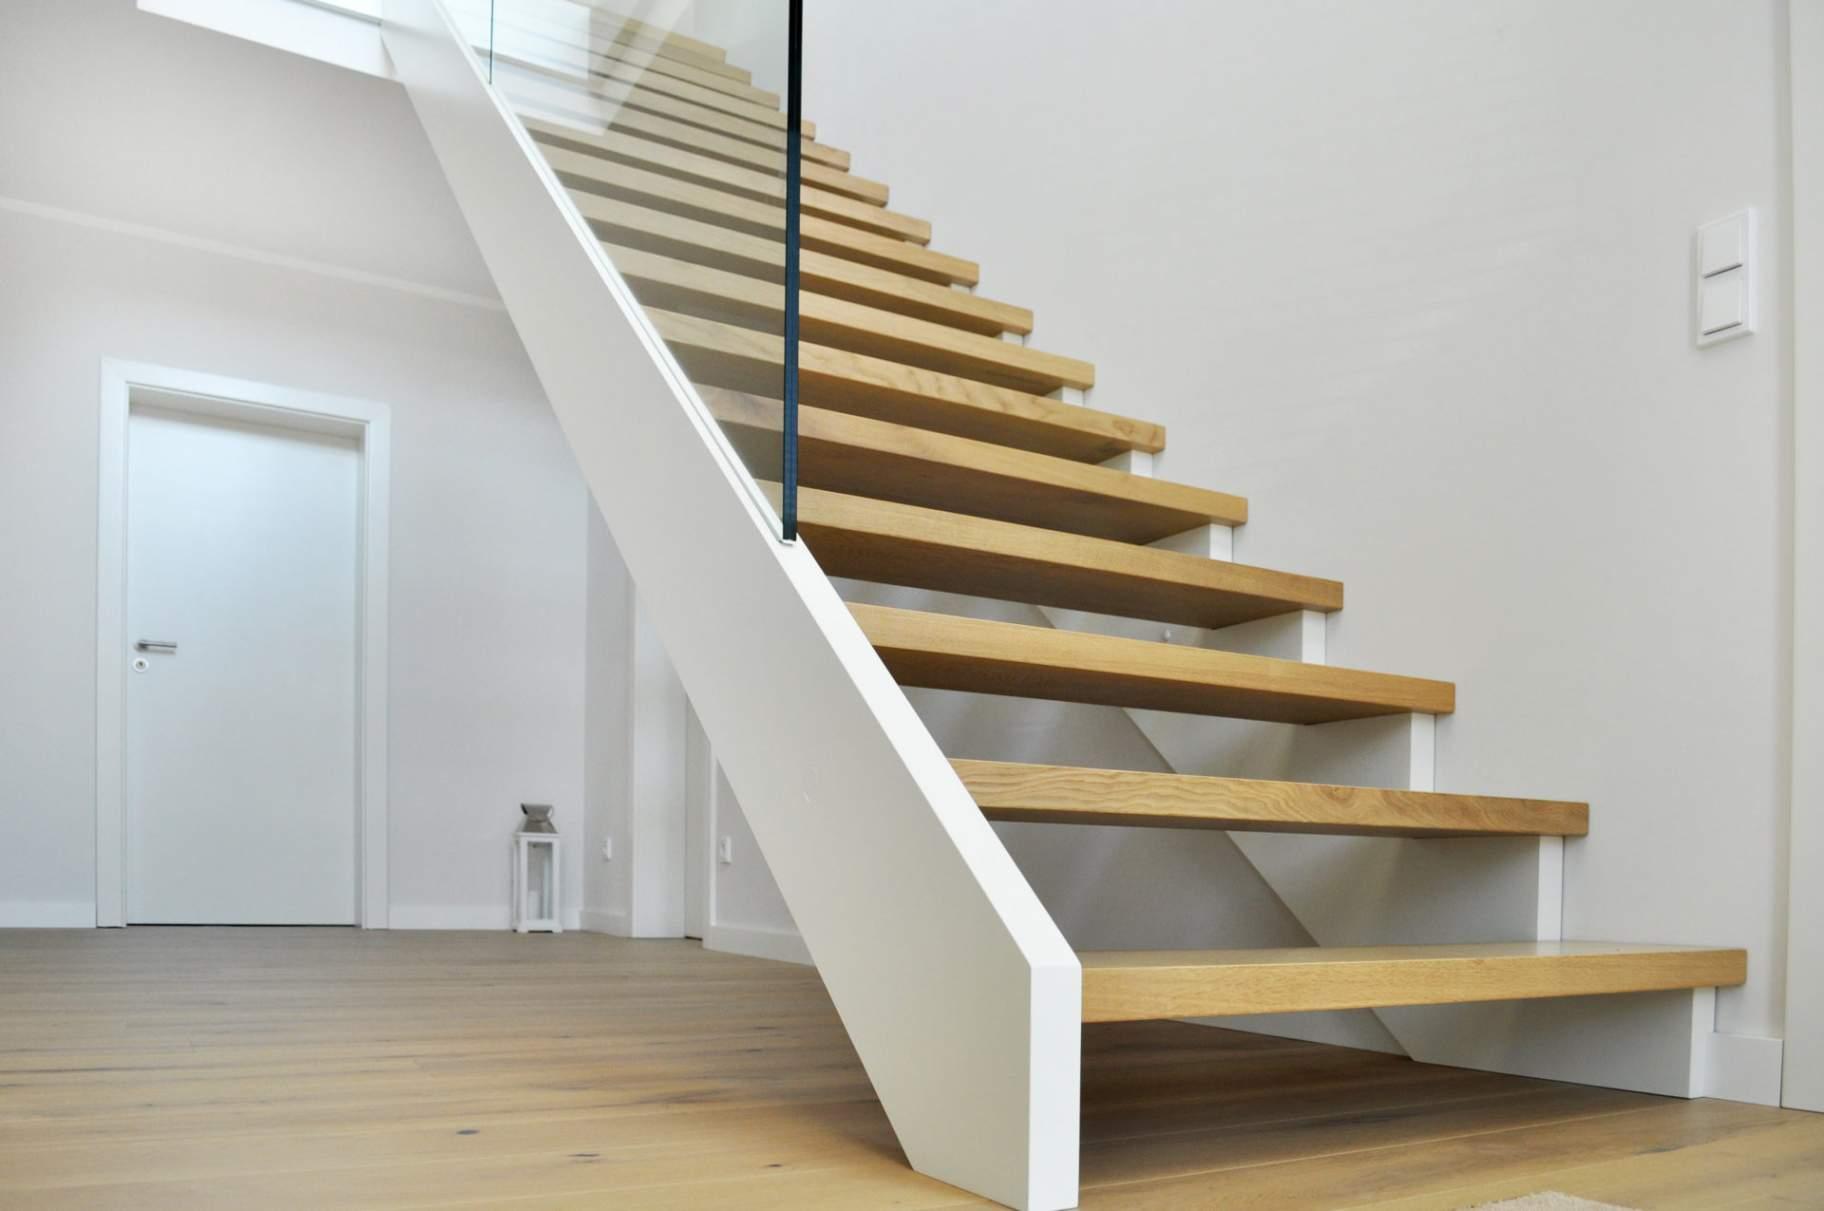 wangentreppen treppenbau leisen ac29cc293 treppen seit 1992 treppe ohne handlauf erlaubt treppe ohne handlauf erlaubt